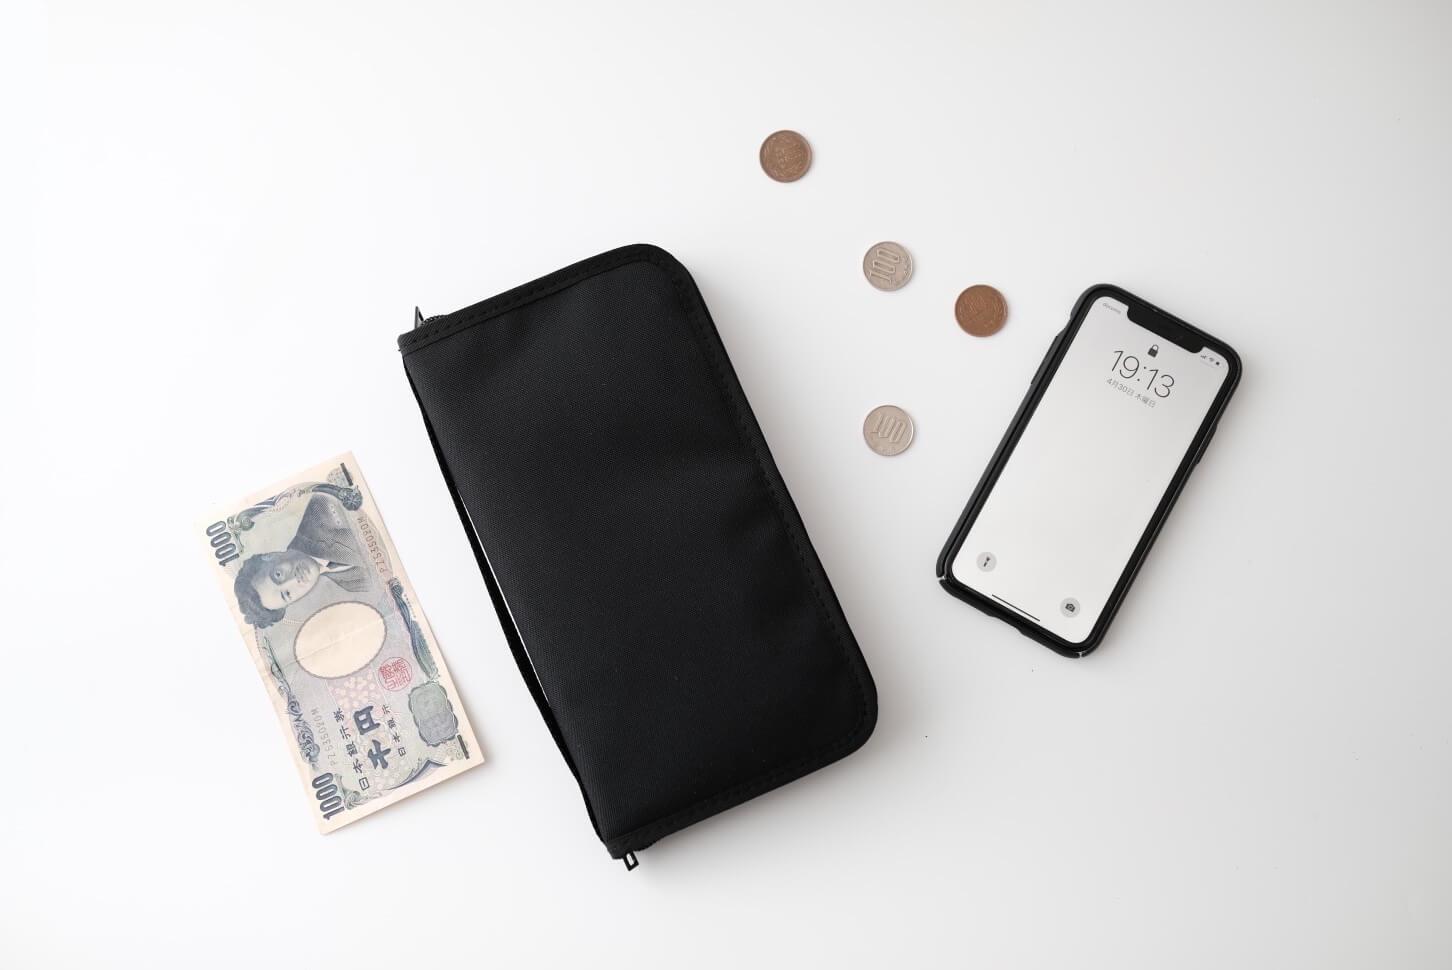 財布を無印良品のパスポートケースにしたら身軽になった